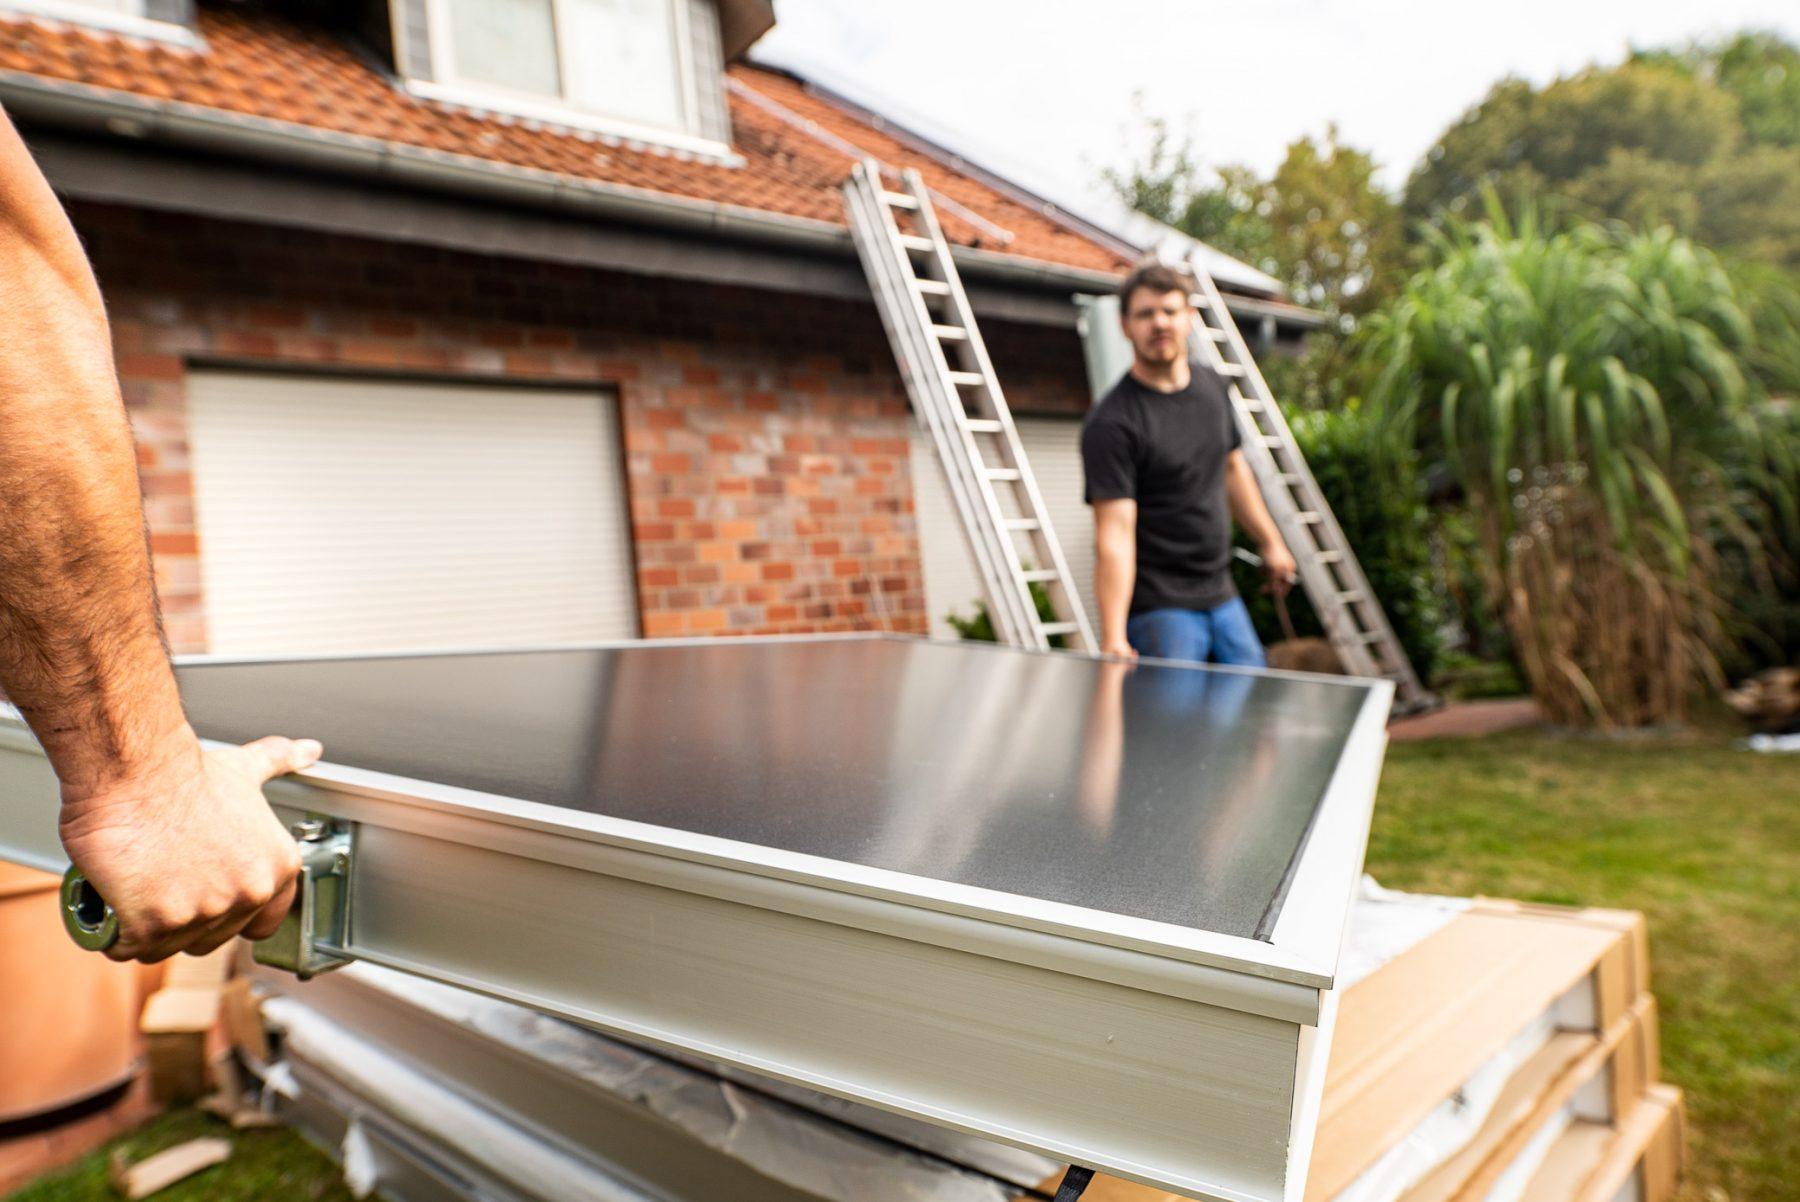 Kollektoren für eine Solarthermieanlage